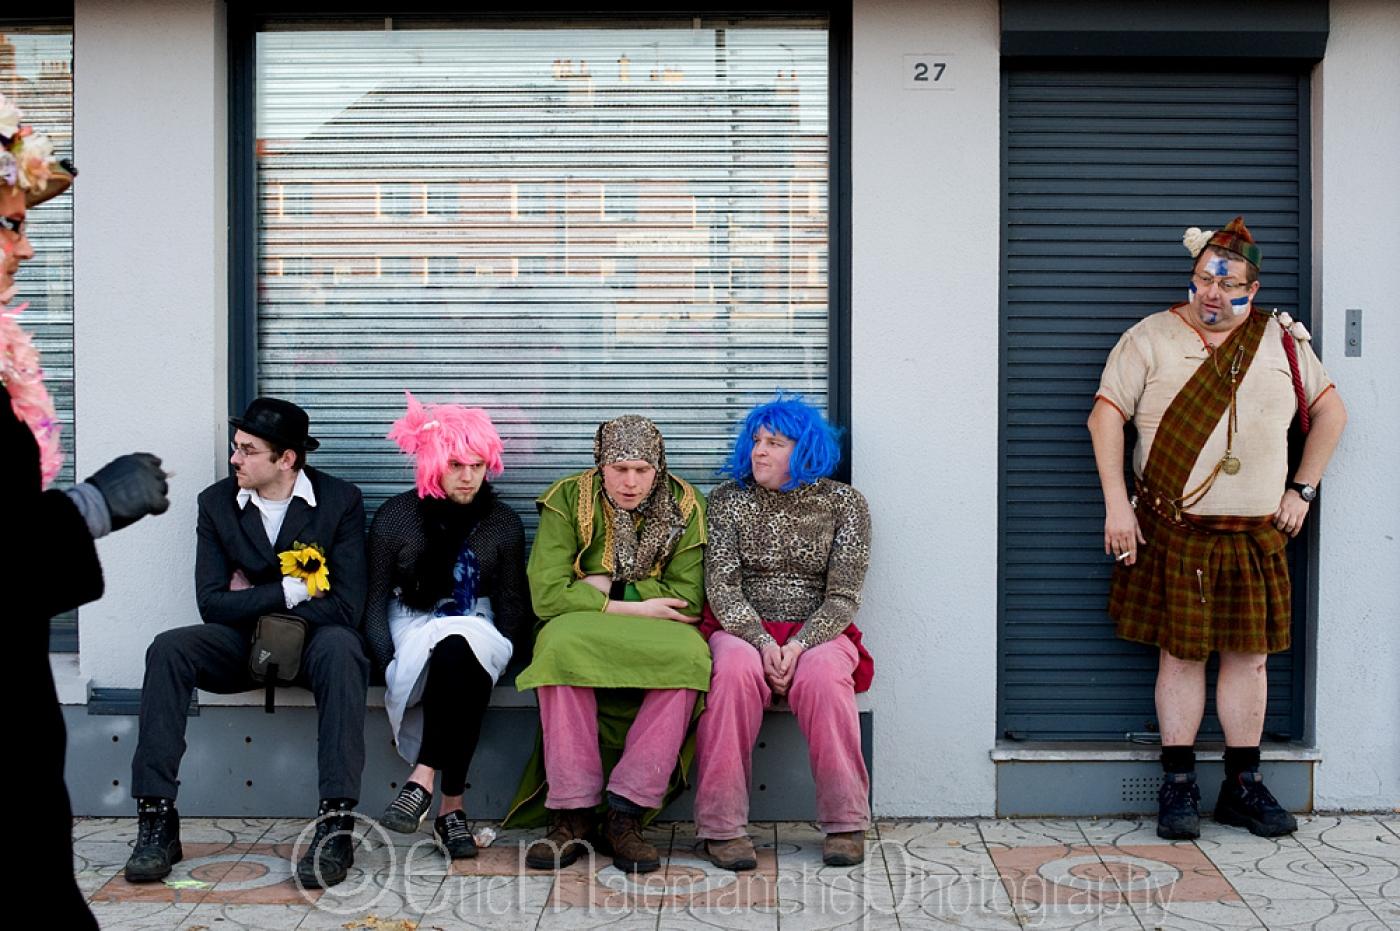 https://www.ericmalemanche.com/imagess/topics/carnaval-de-dunkerque/liste/Carnaval-Dunkerque-0827.jpg